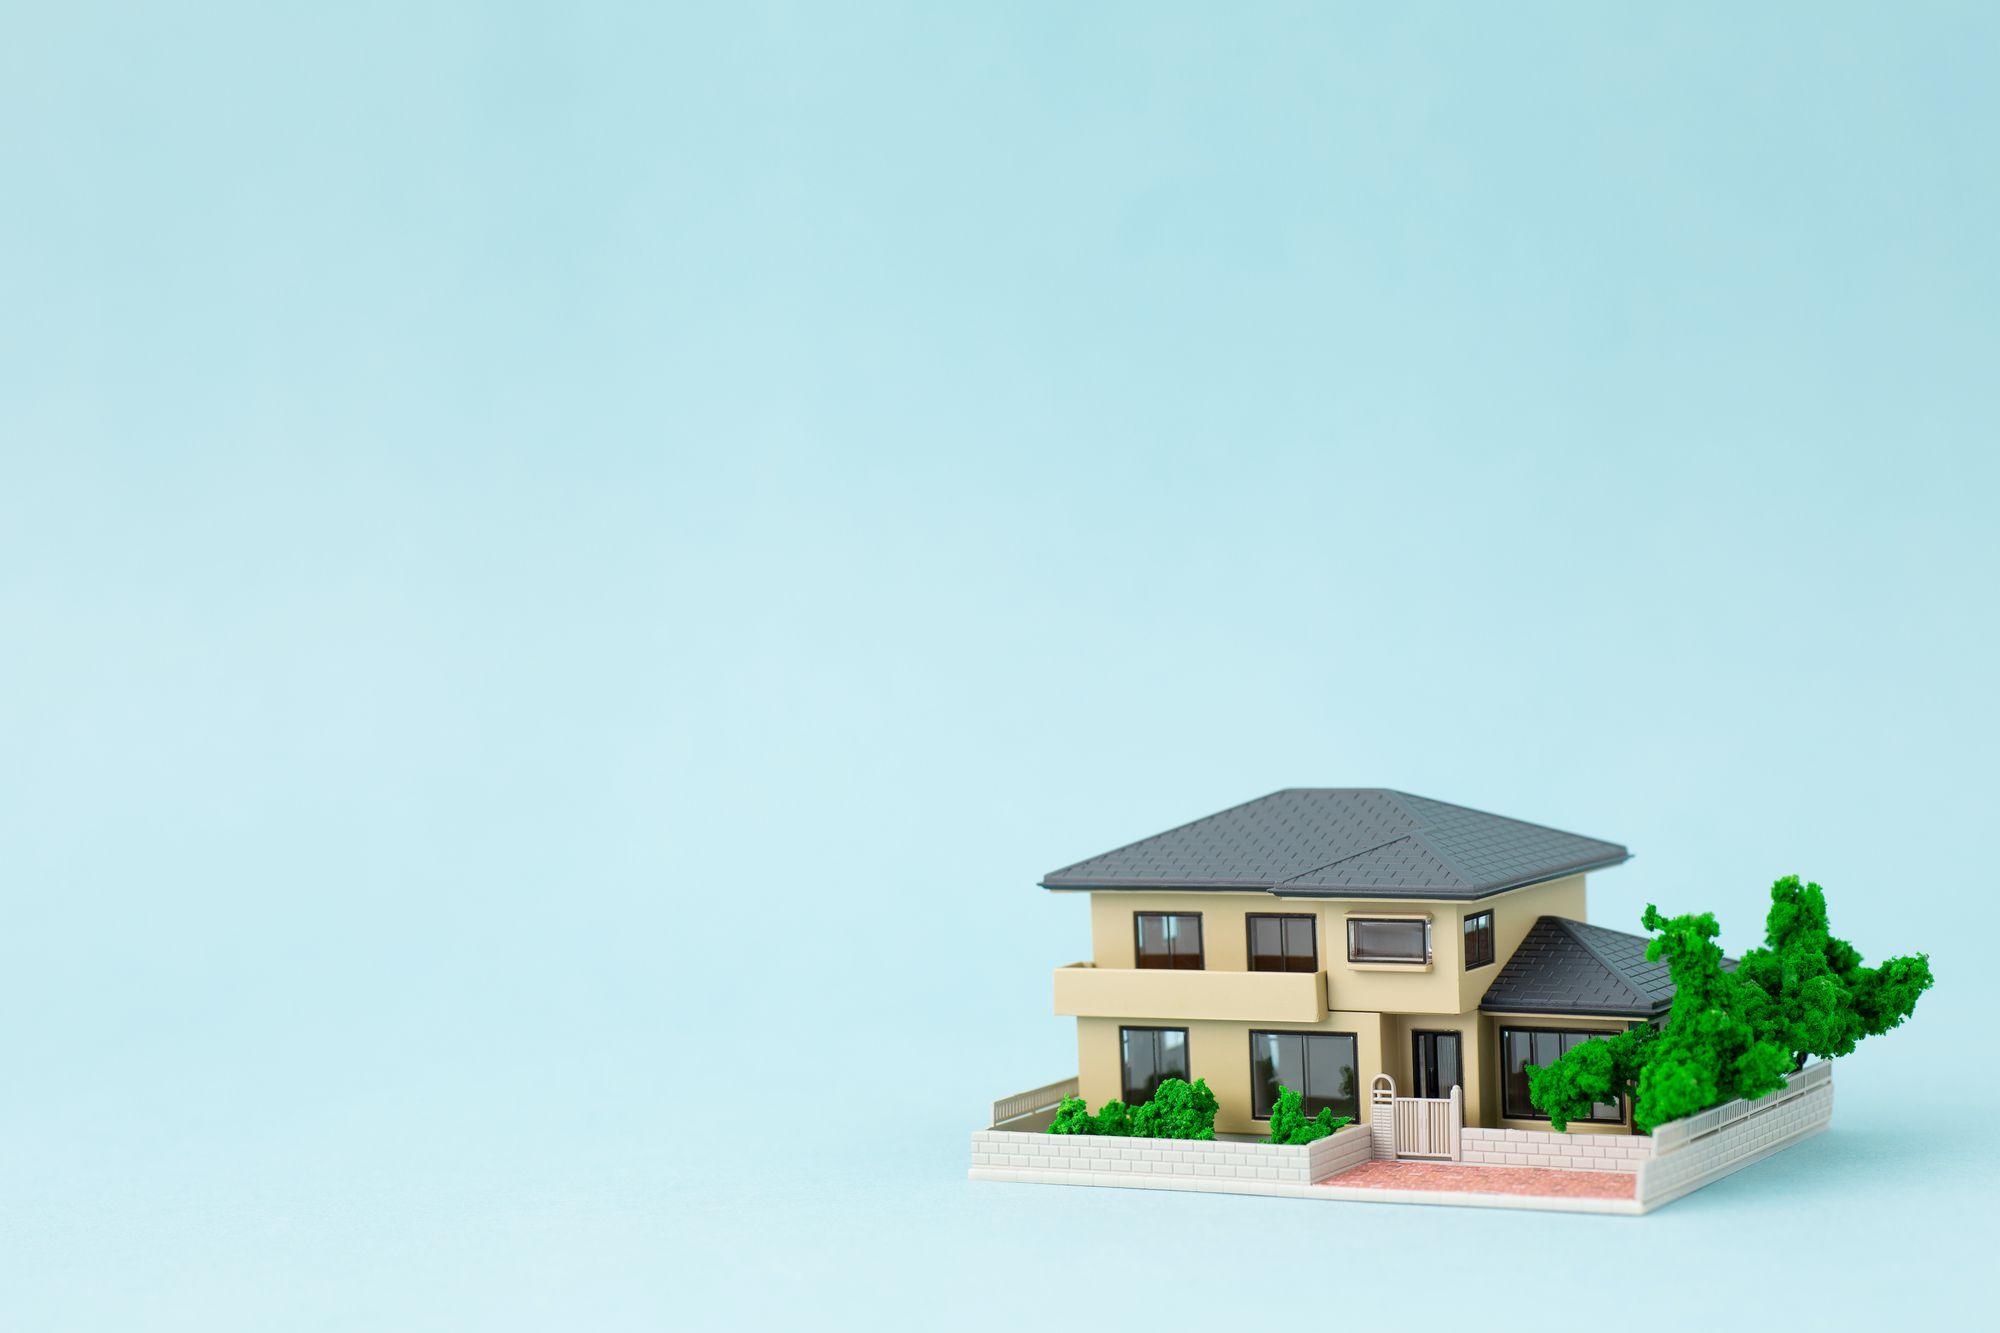 人気エリアの家を売りたい!不動産買取と仲介どっちが向いている?